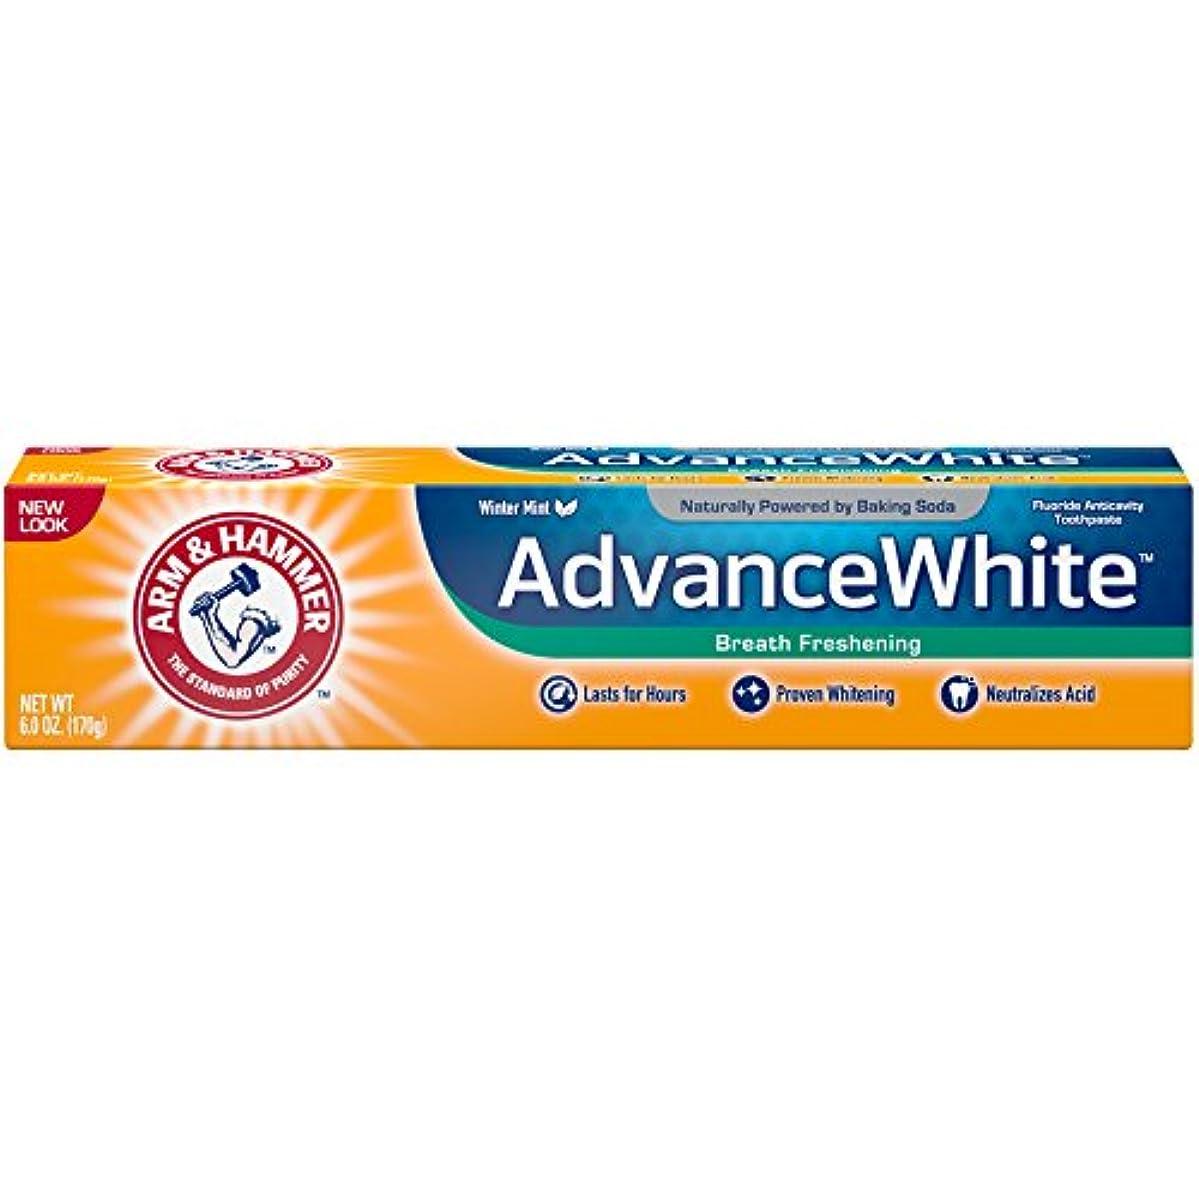 さわやかクラシカル単独でアーム&ハマー アドバンス ホワイト 歯磨き粉 ブレス フレッシュニング 170g Advance White Breath Freshing Baking Soda & Frosted Mint